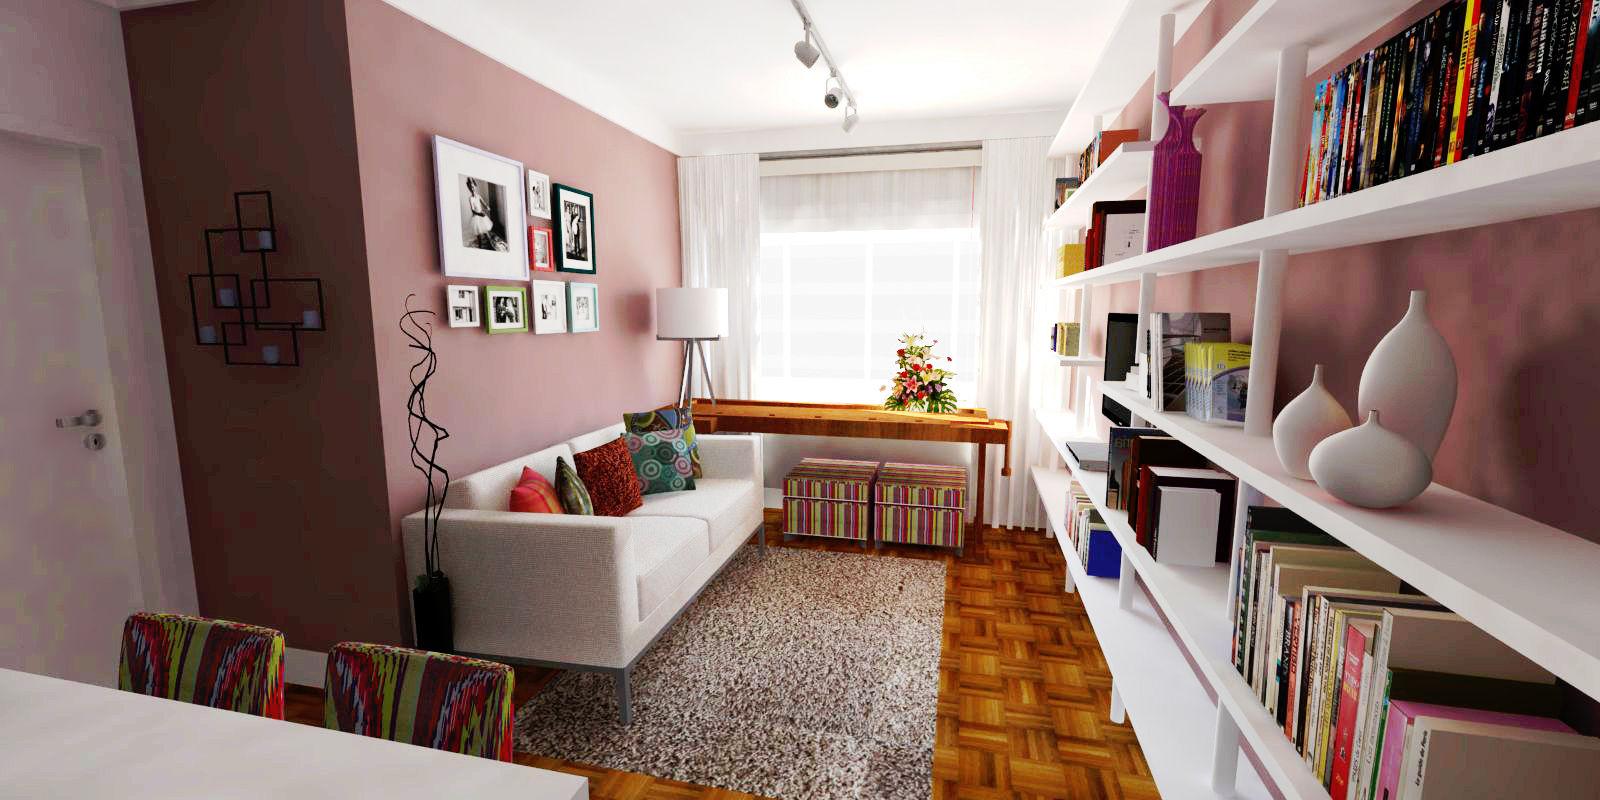 Imagen salas coloridas for Imagenes de interiores de casas minimalistas